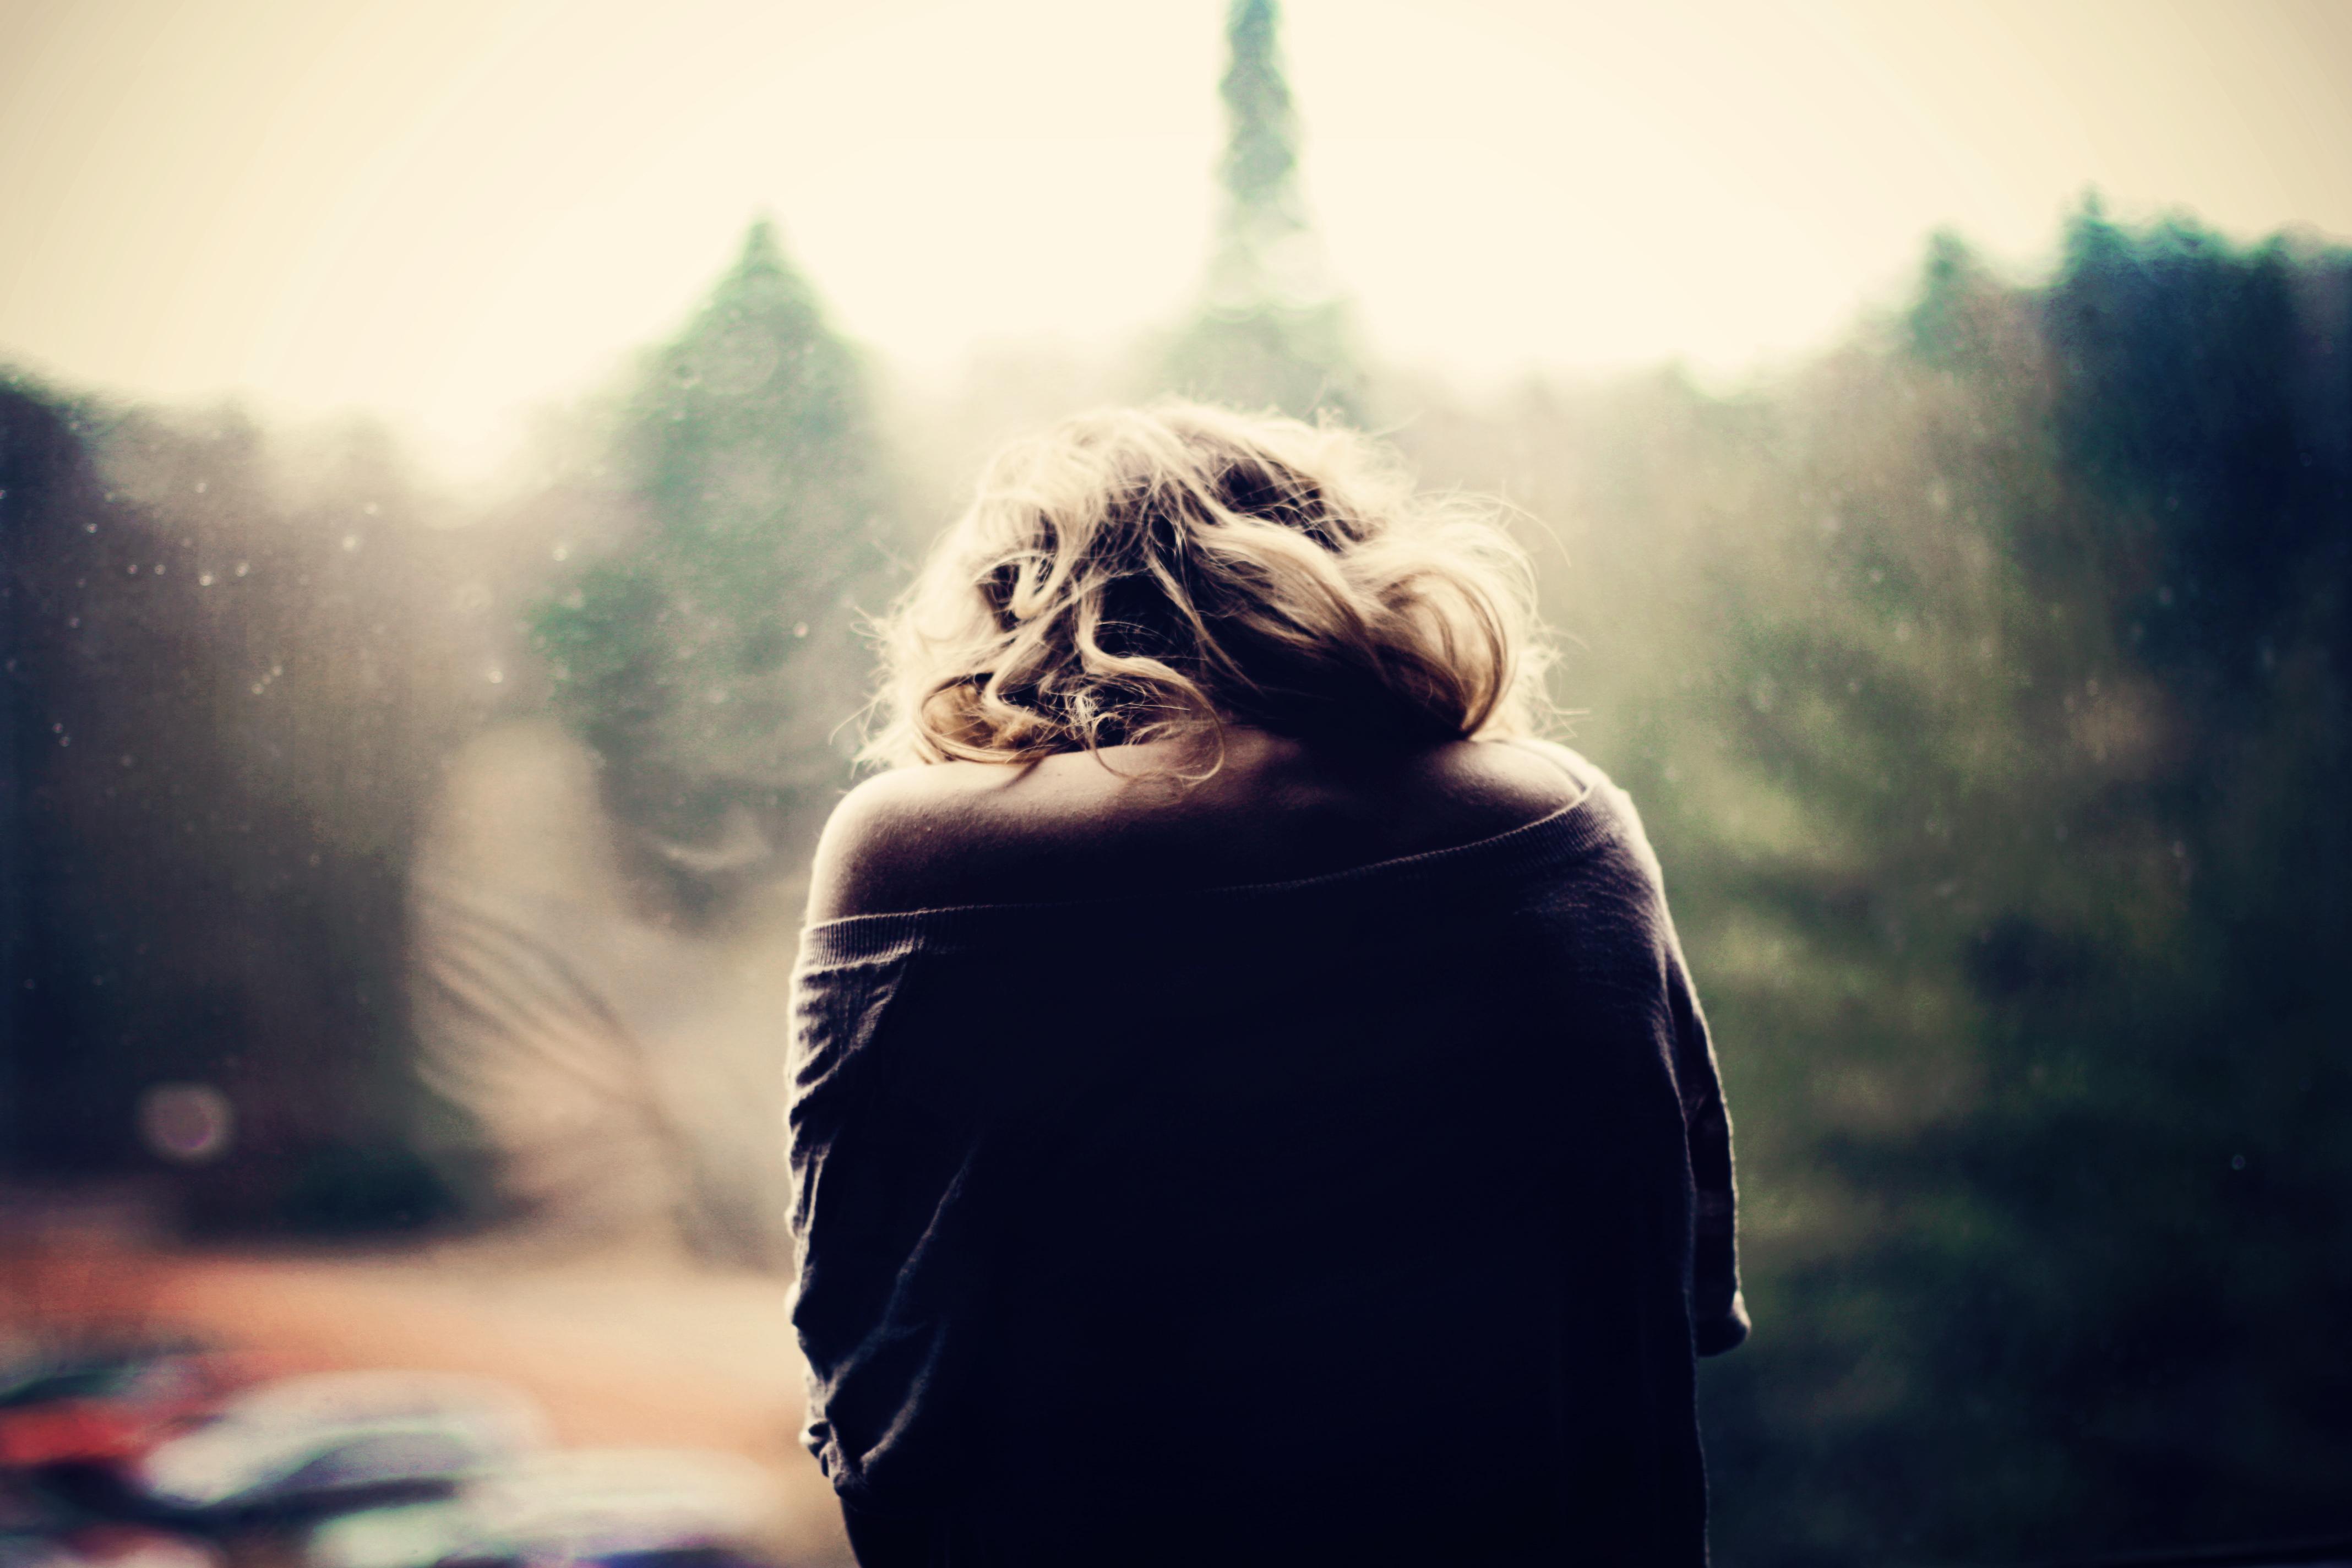 картинки грустные девушки